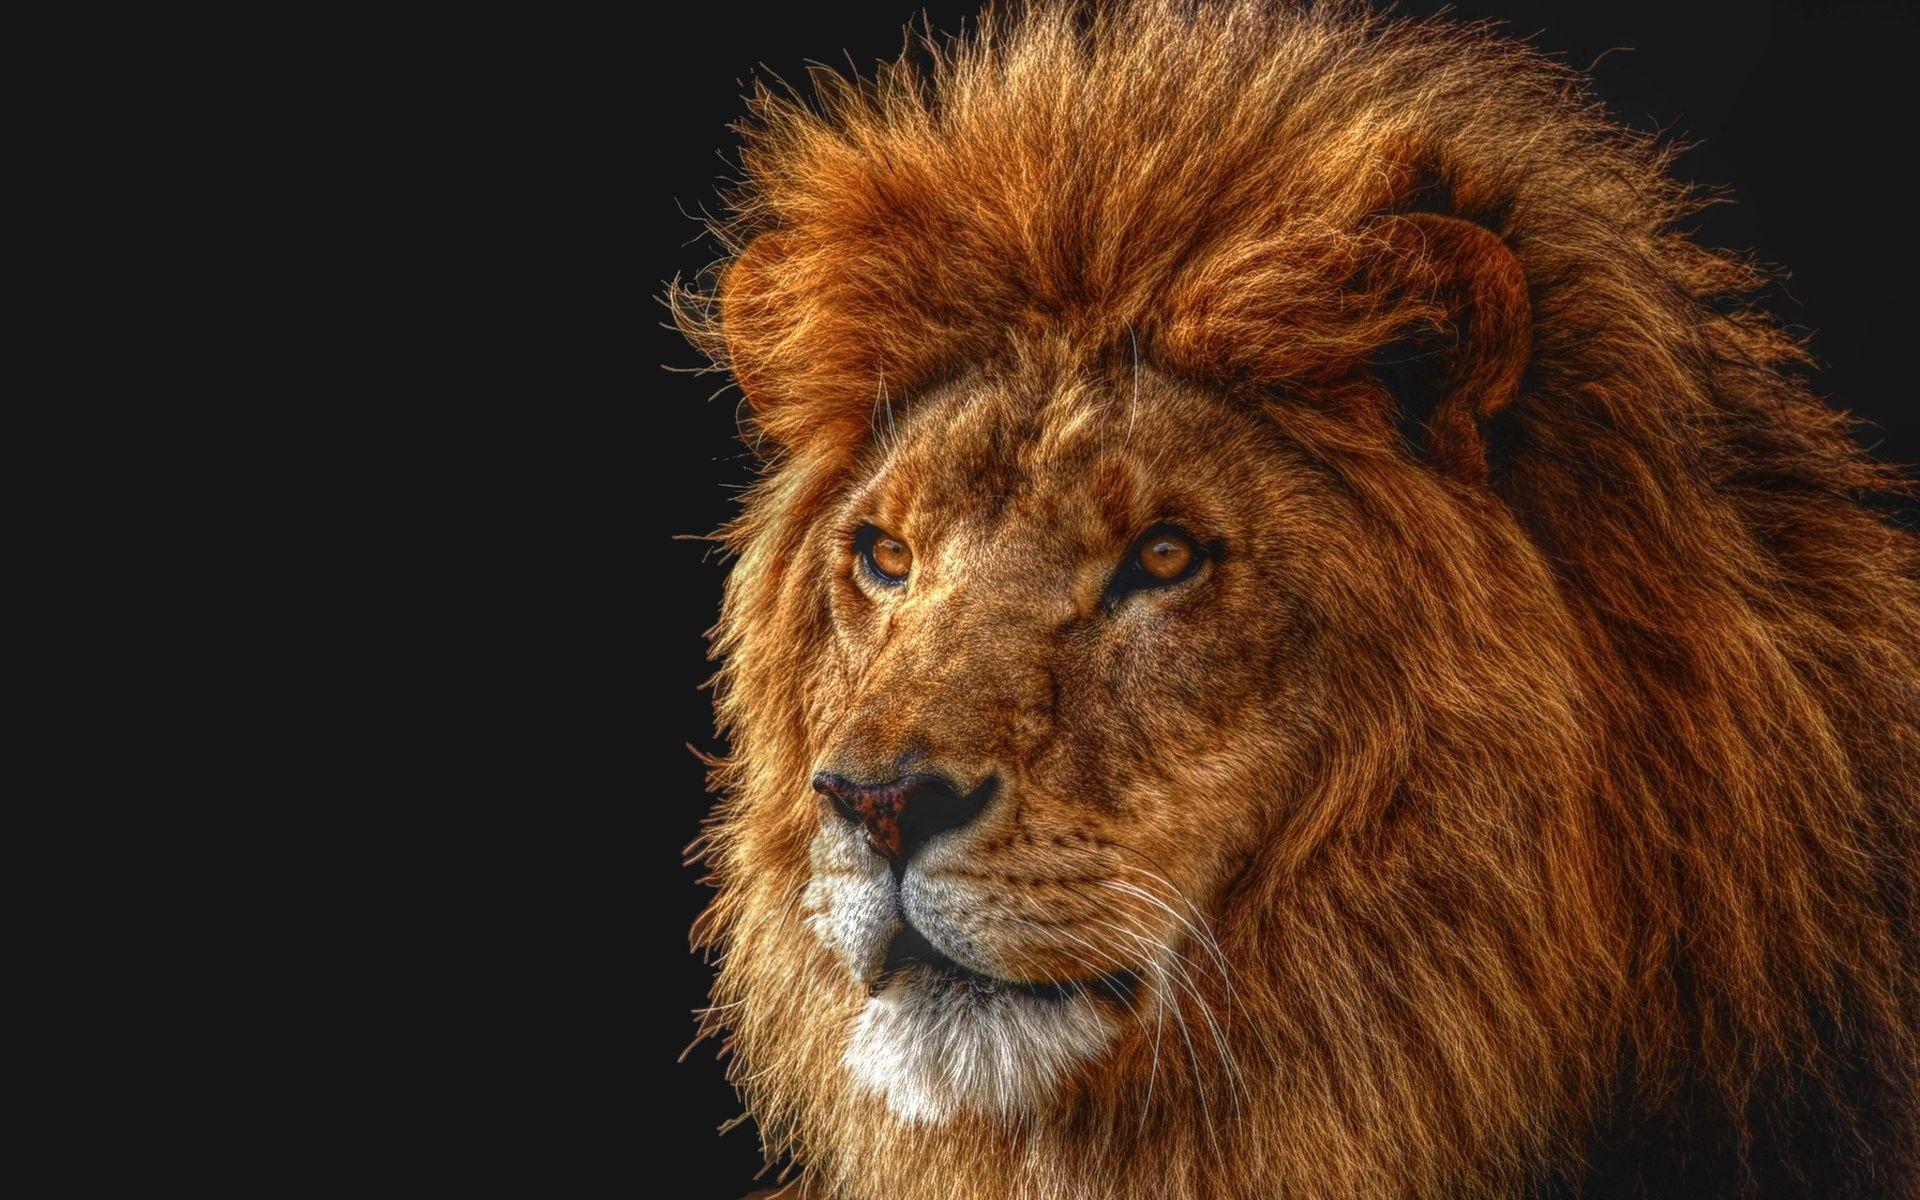 Картинки лев, тень, грива, глаз, царь зверей, хищник фото и обои на рабочий стол